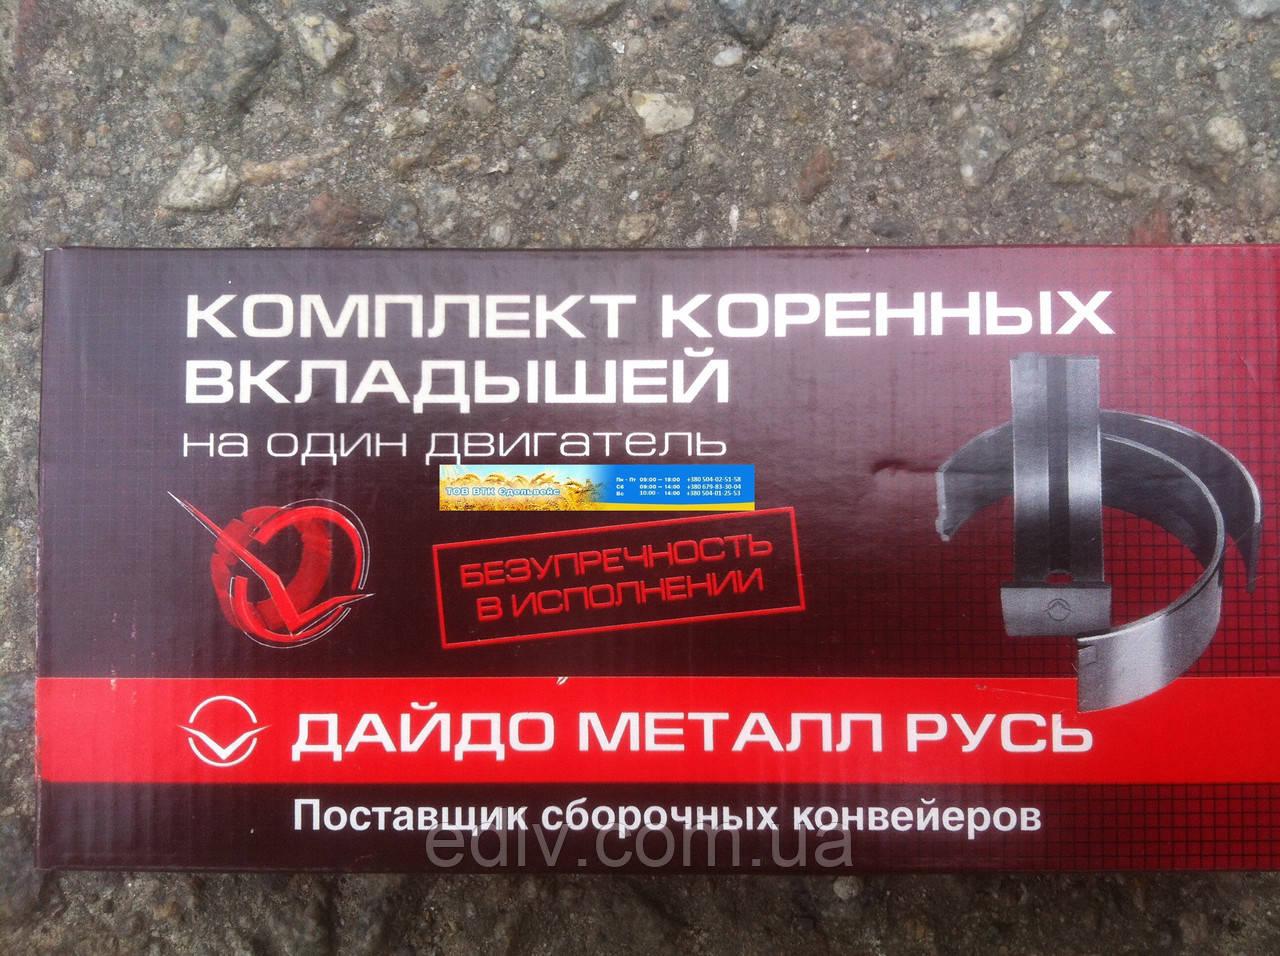 Вкладыши коренные 0,25 ГАЗ 2410,3302 (покупн. ЗМЗ) 24-1000102-21